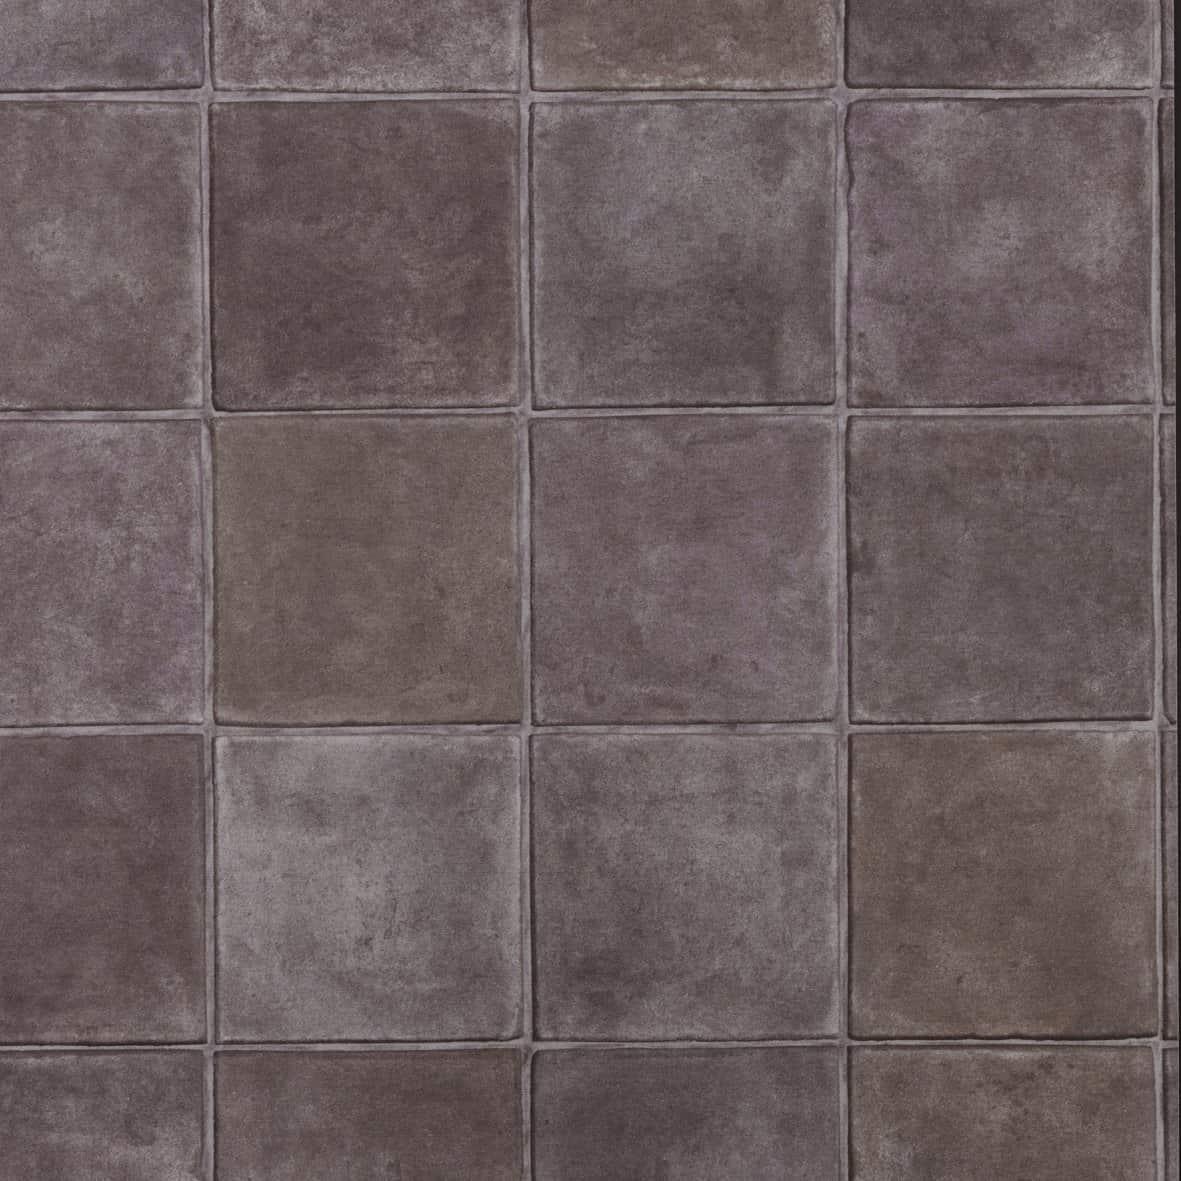 Flotex Carpet Tiles Example Contemporary Tile Design